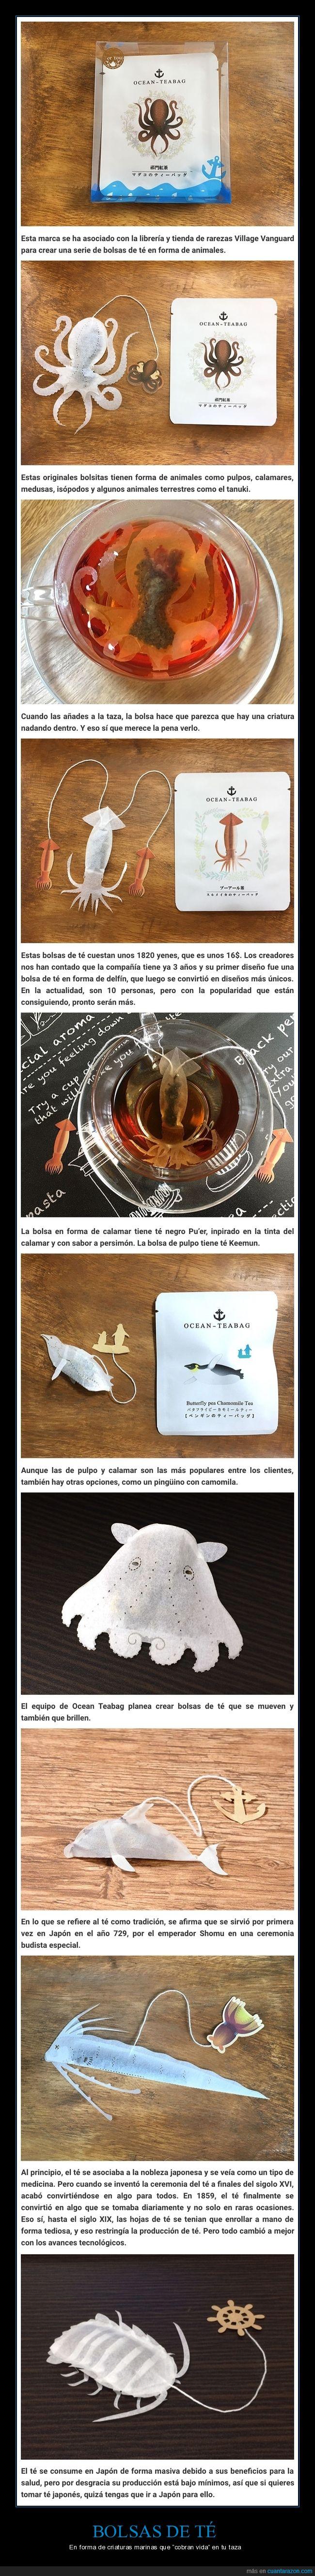 bolsas de té,criaturas marinas,formas